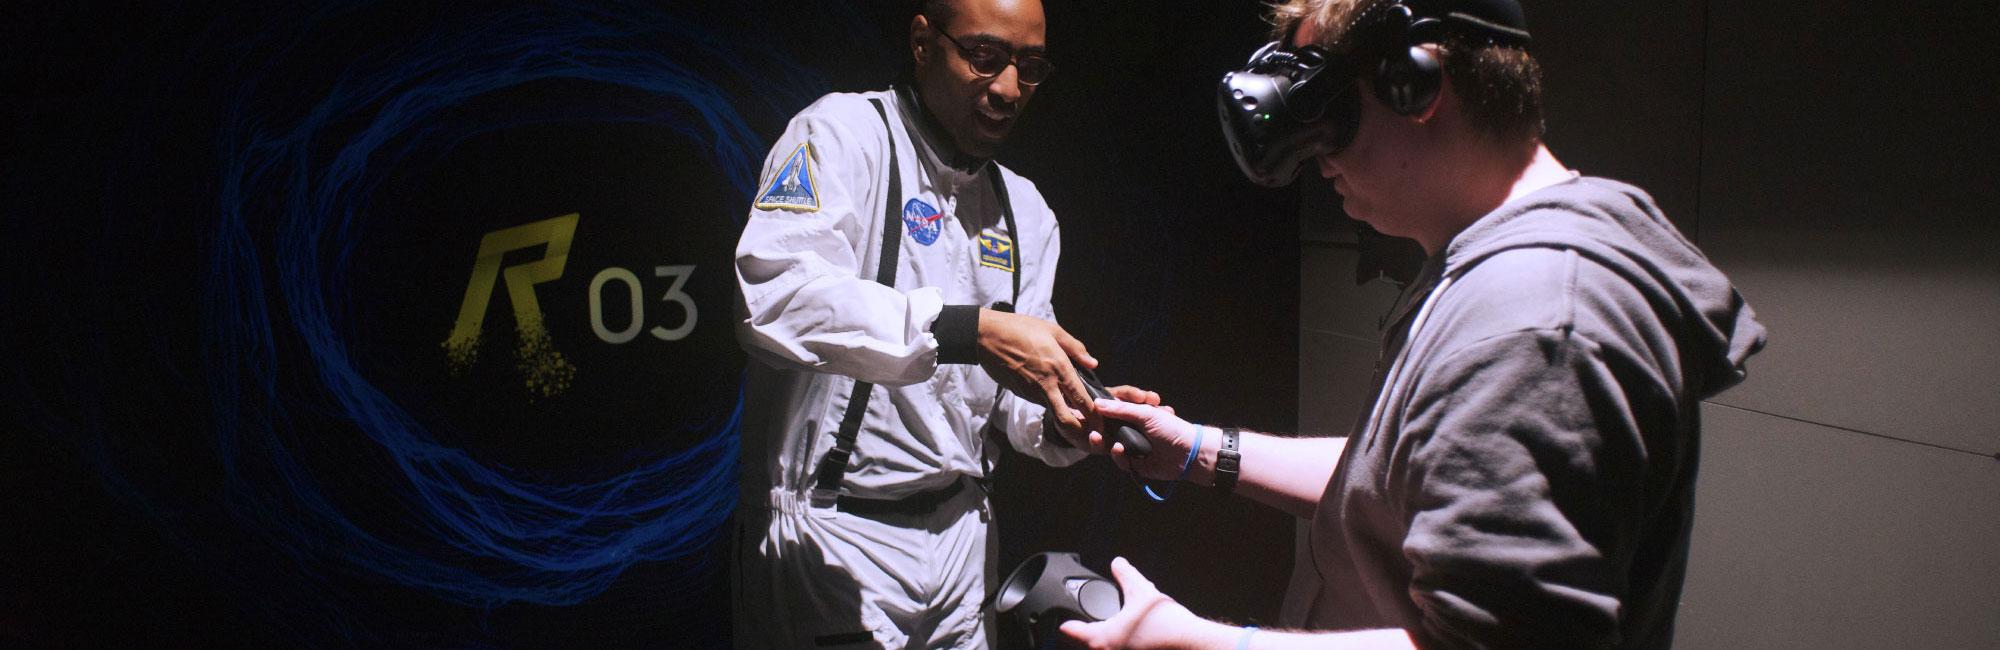 salle réalité virtuelle lyon